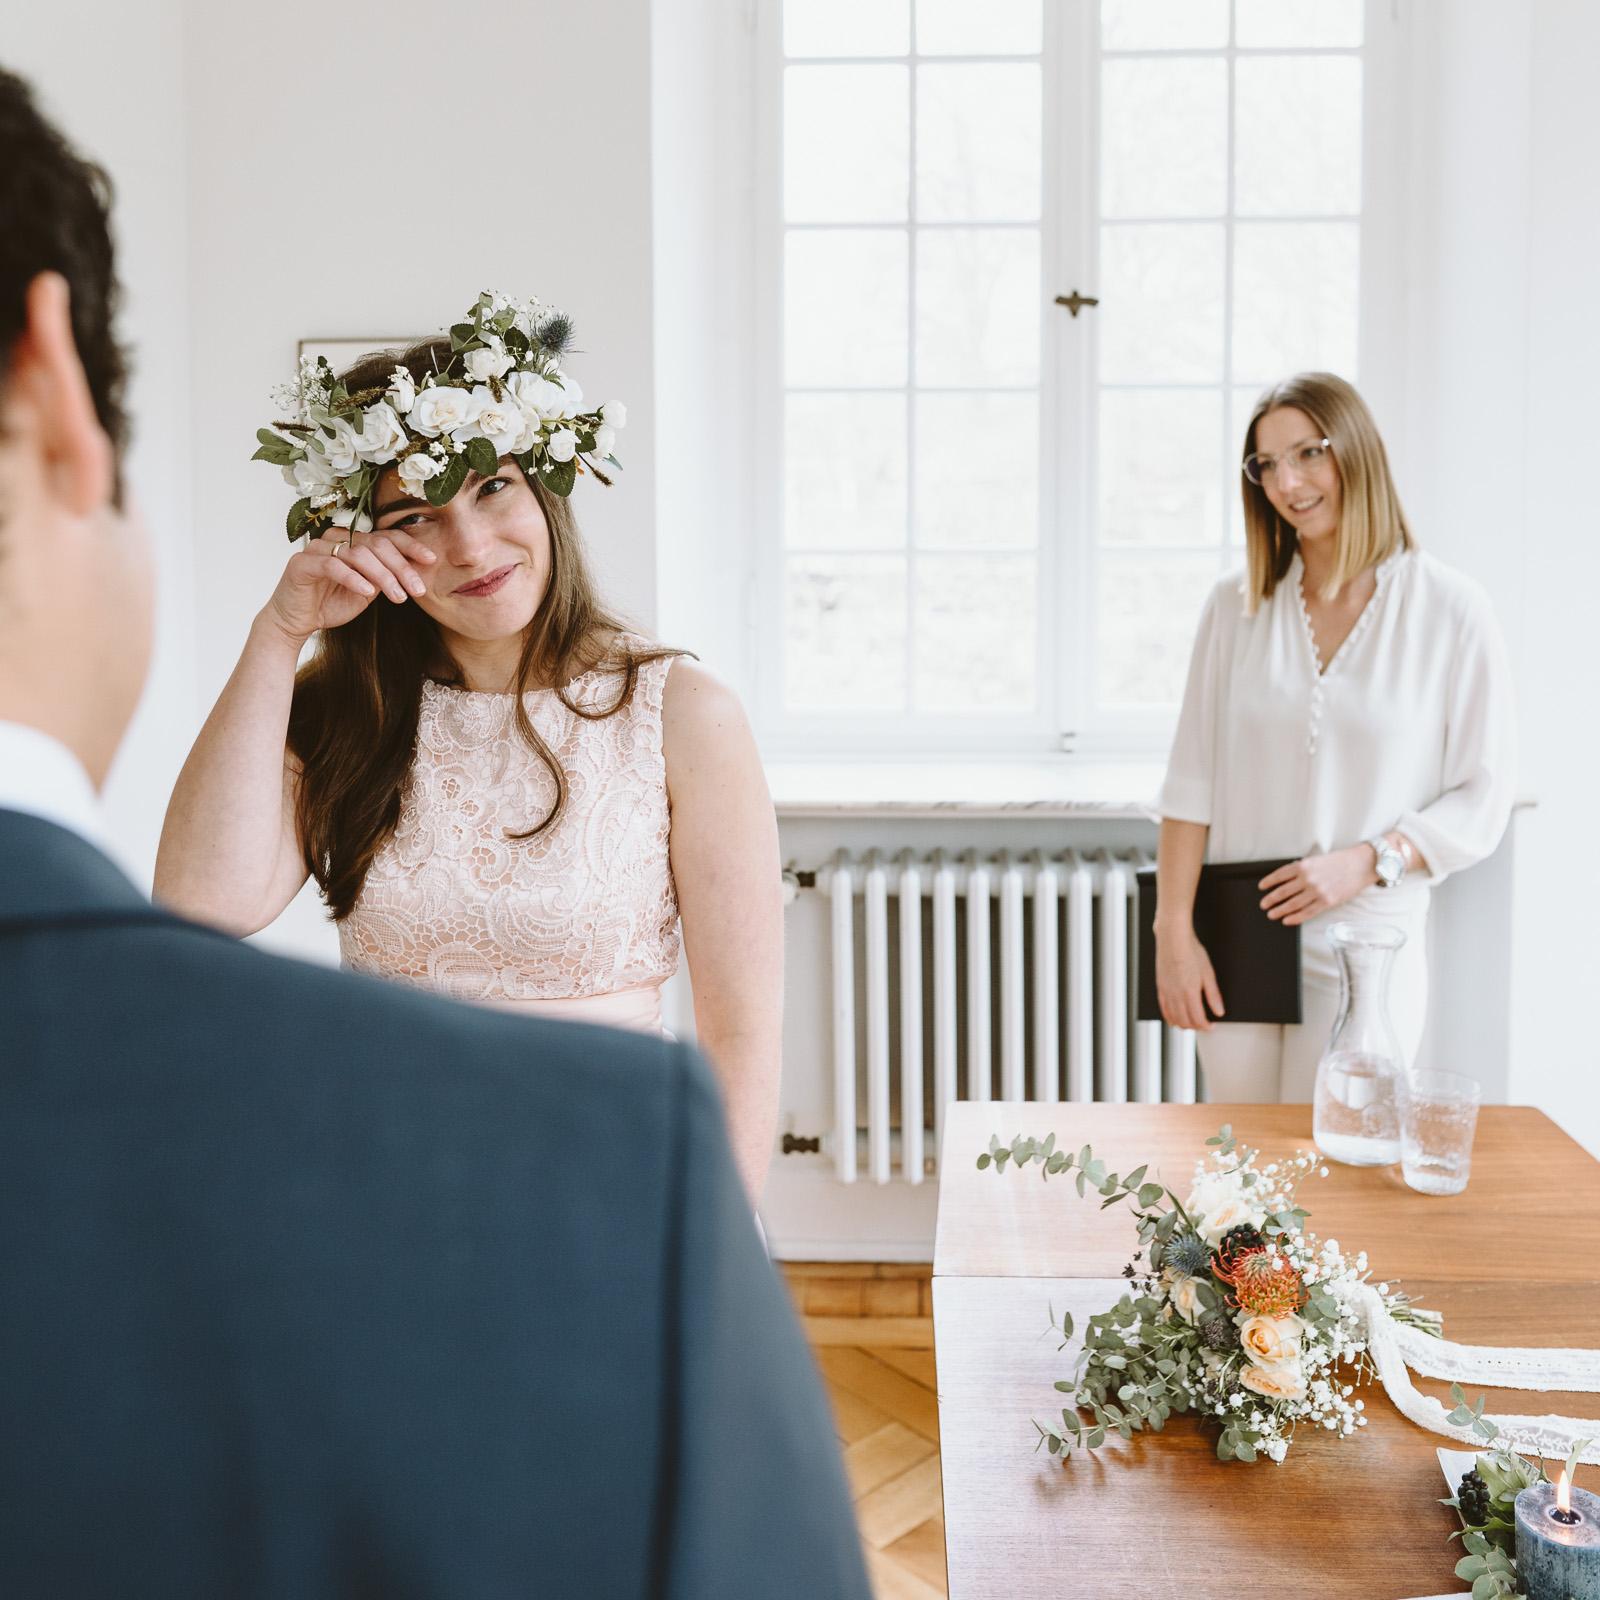 Hochzeitsfotografie - Frau ist zu Tränen gerührt